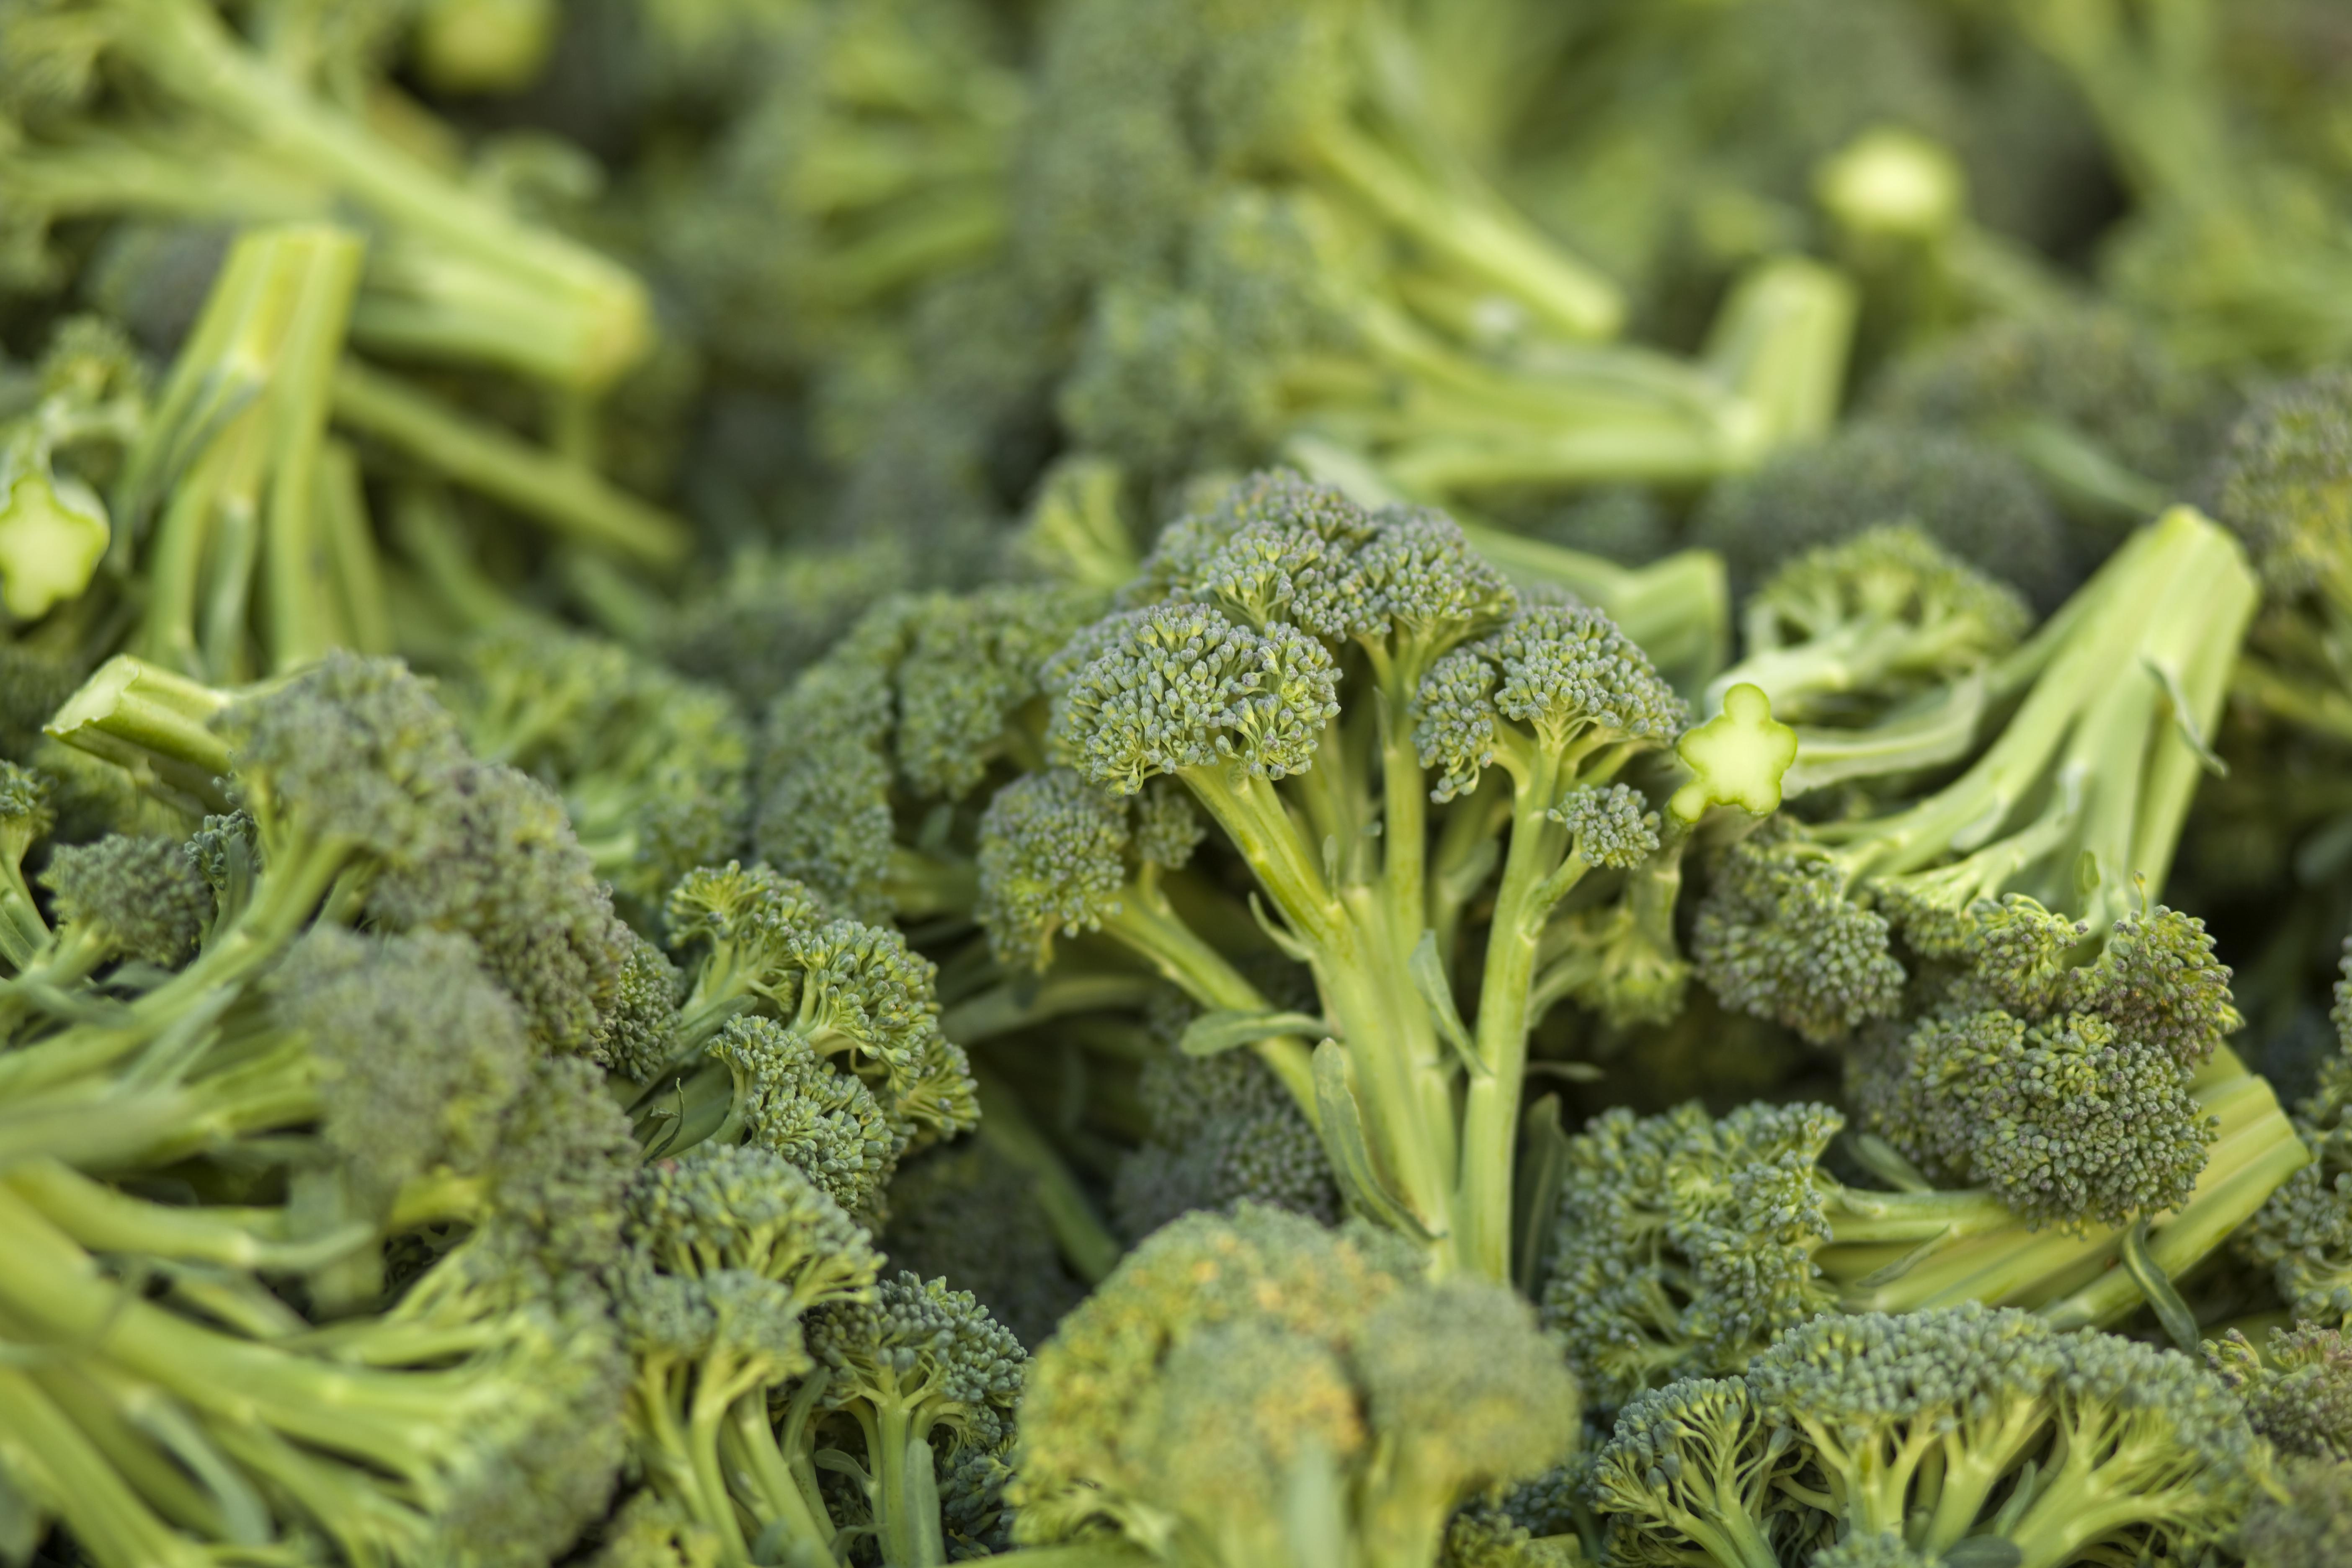 Broccoli kan vara lika effektivt för att sänka blodsocker som dagens läkemedelsbehandling